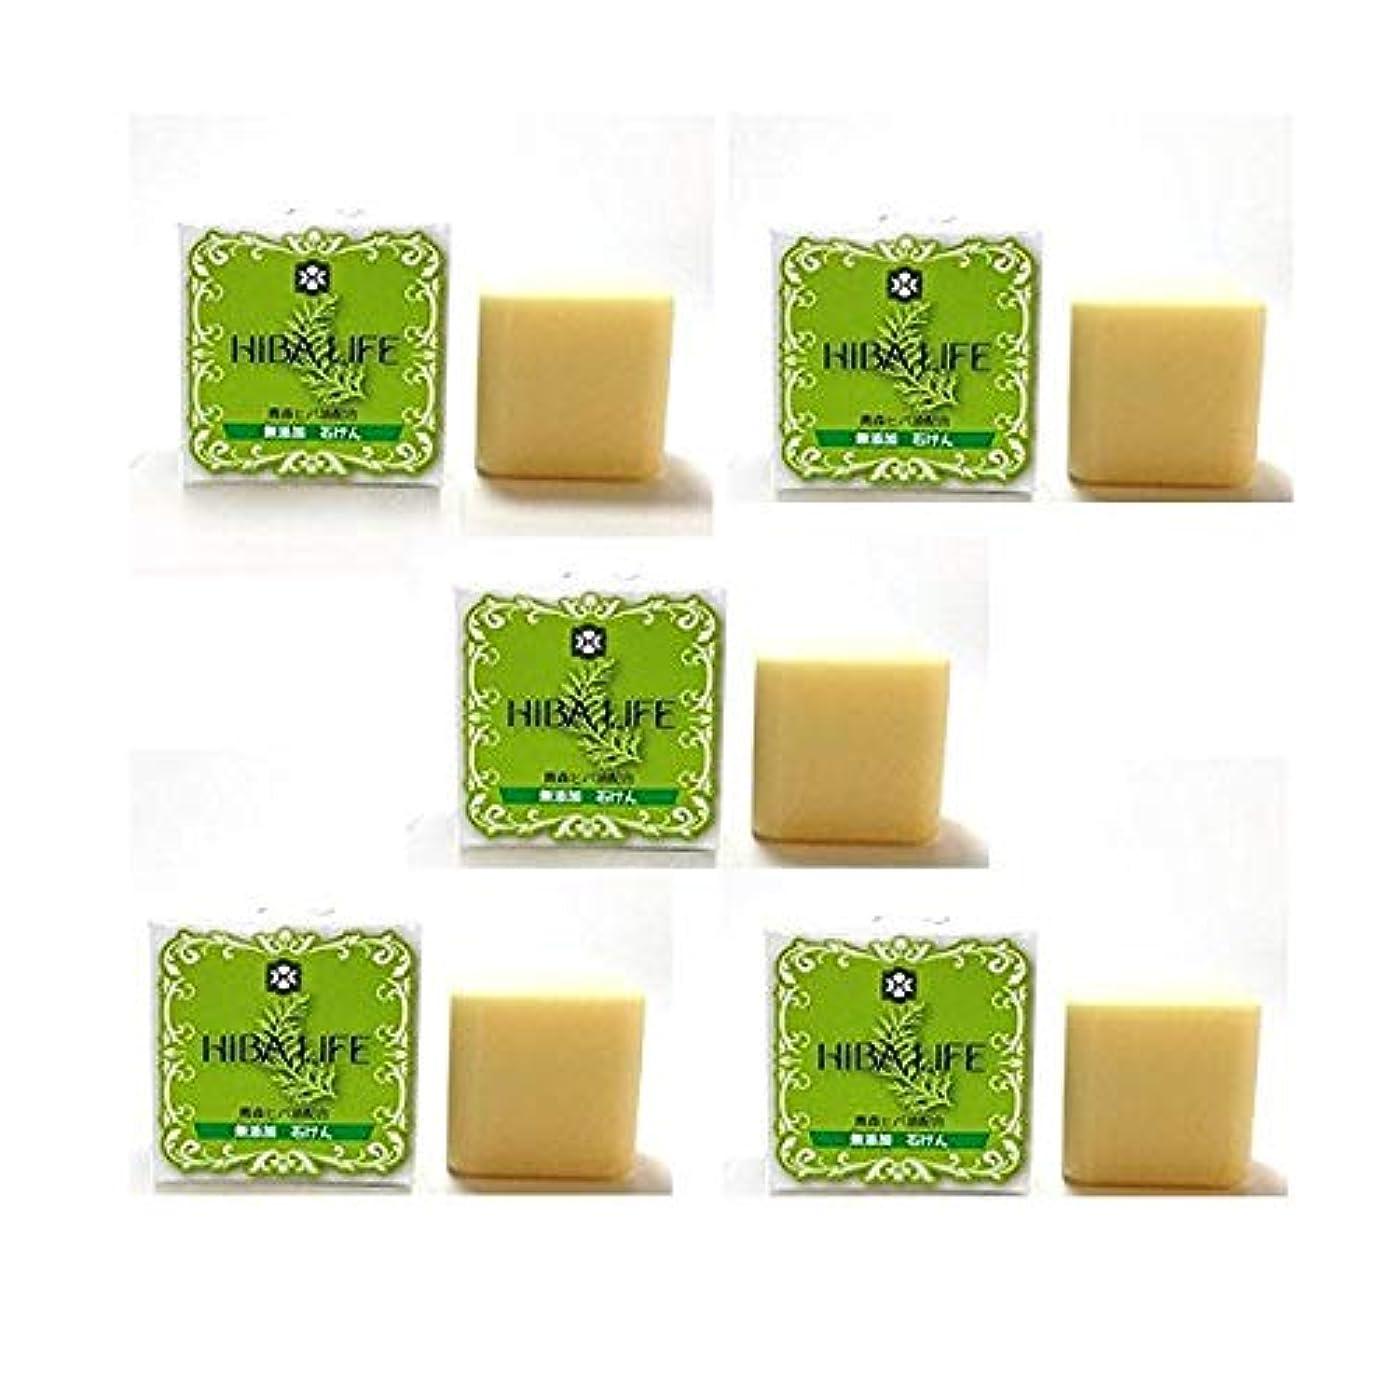 トリクル属する施しヒバ石鹸 ひばの森化粧石鹸5個セット(100g×5個) 青森ヒバ精油配合の無添加ひば石鹸